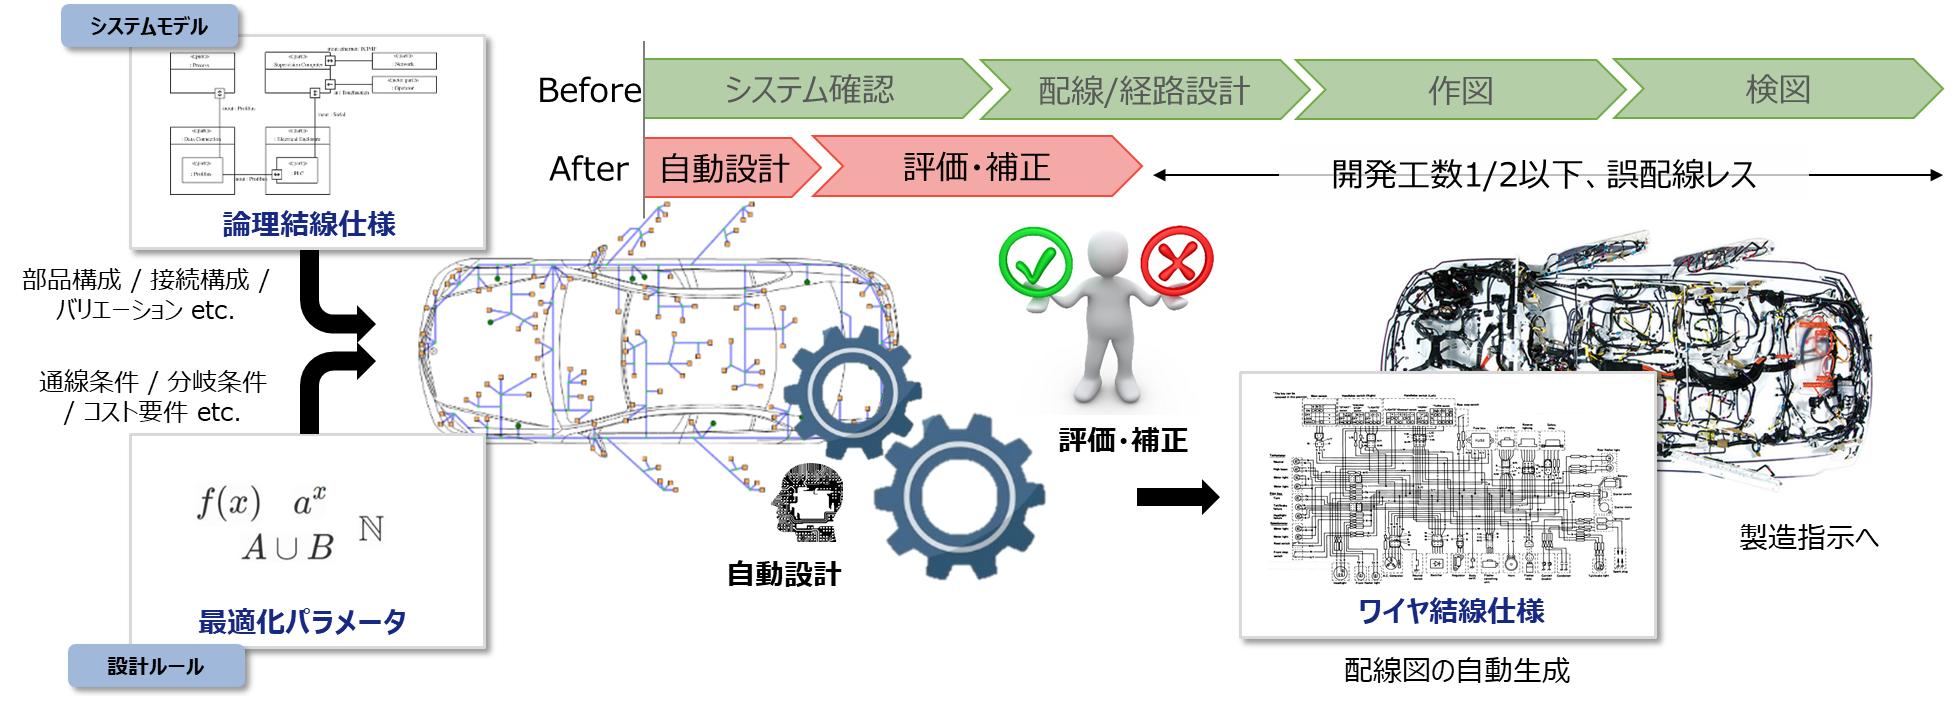 システムモデルと設計ルールに基づいたワイヤハーネス回路の自動設計